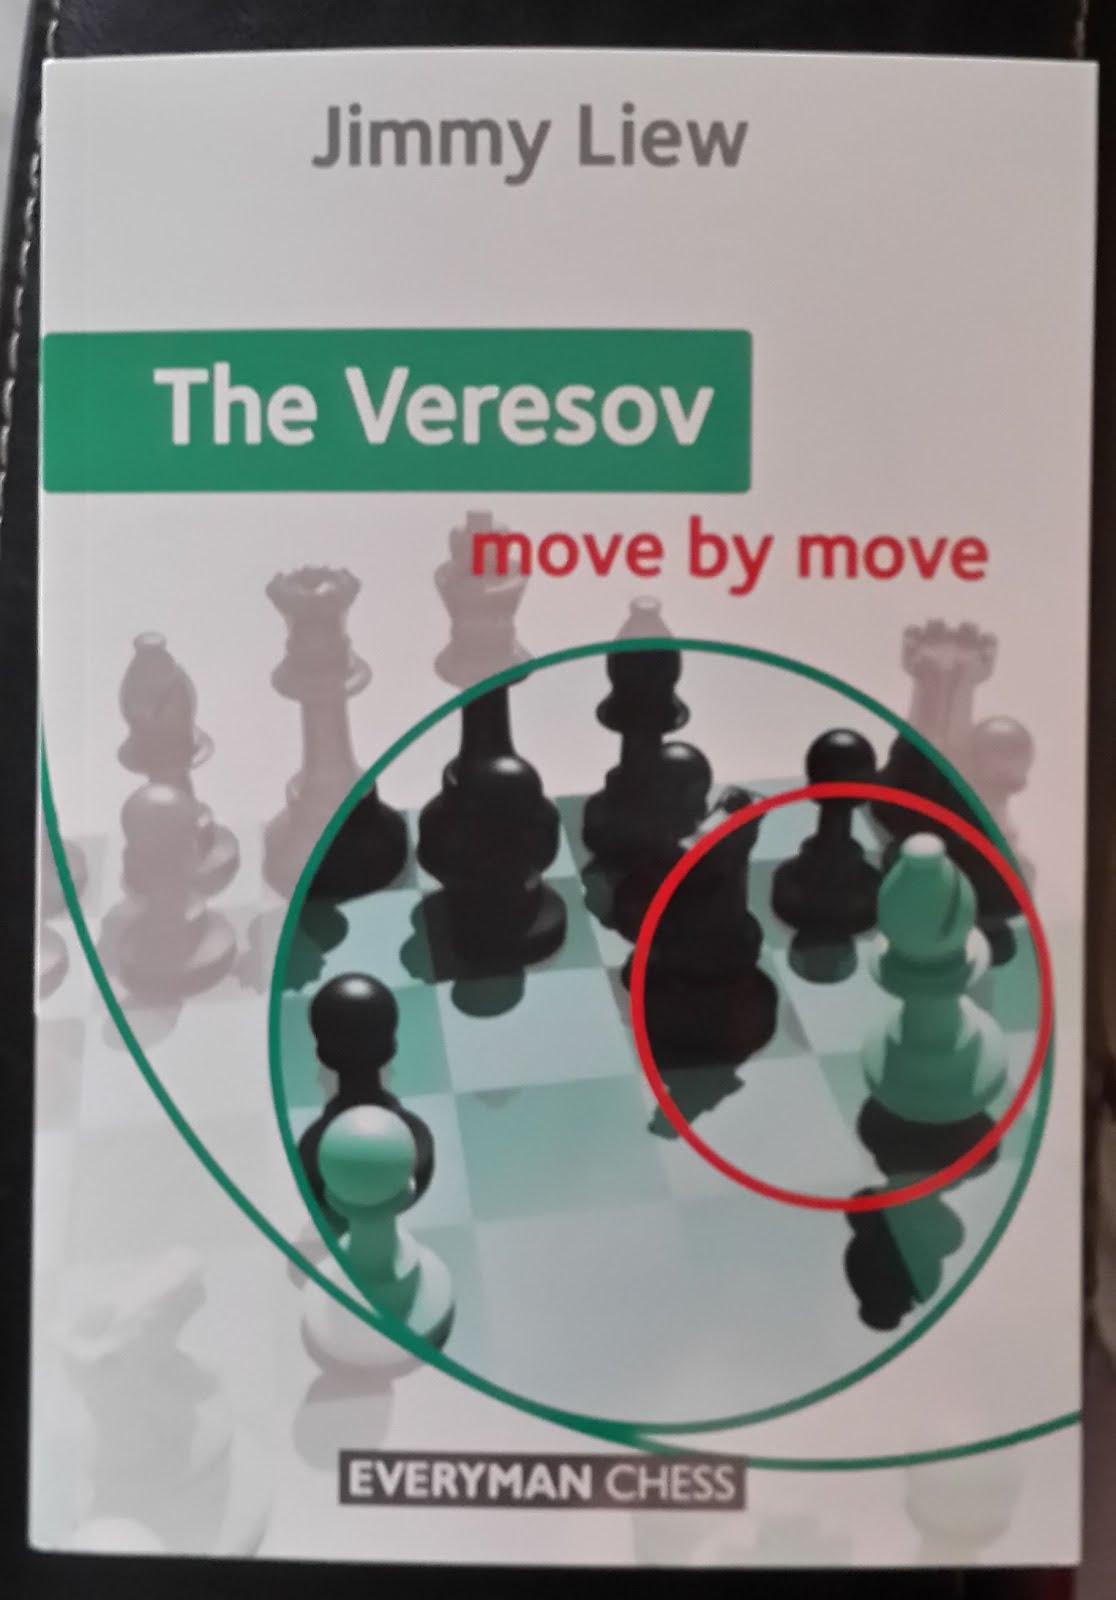 Veresov